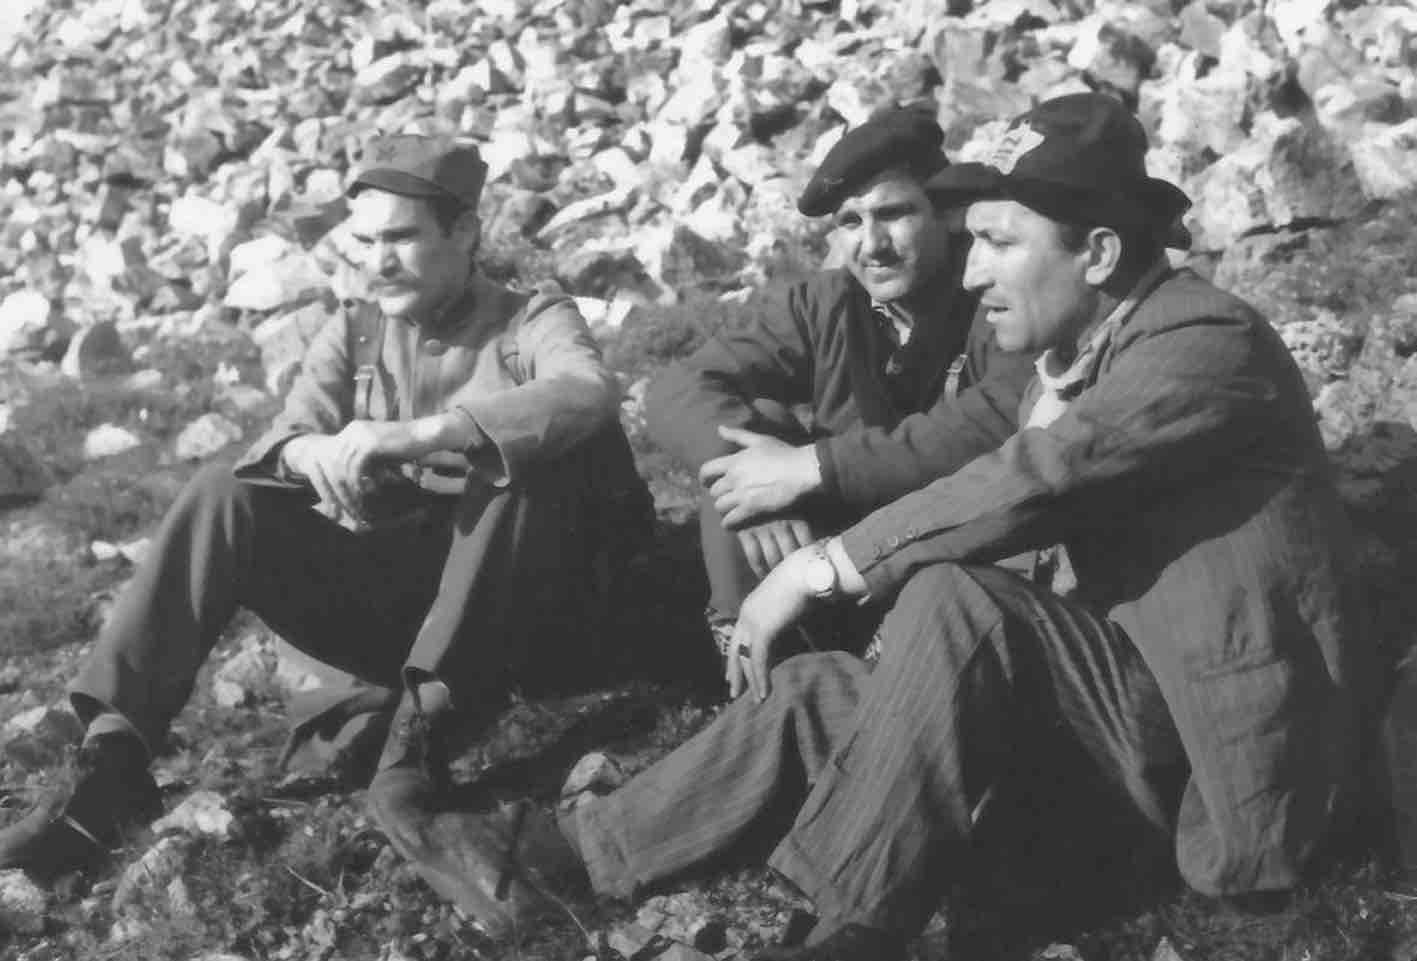 Mija Aleksic, Stojan 'Stole' Arandjelovic, and Velimir 'Bata' Zivojinovic in San (1966)